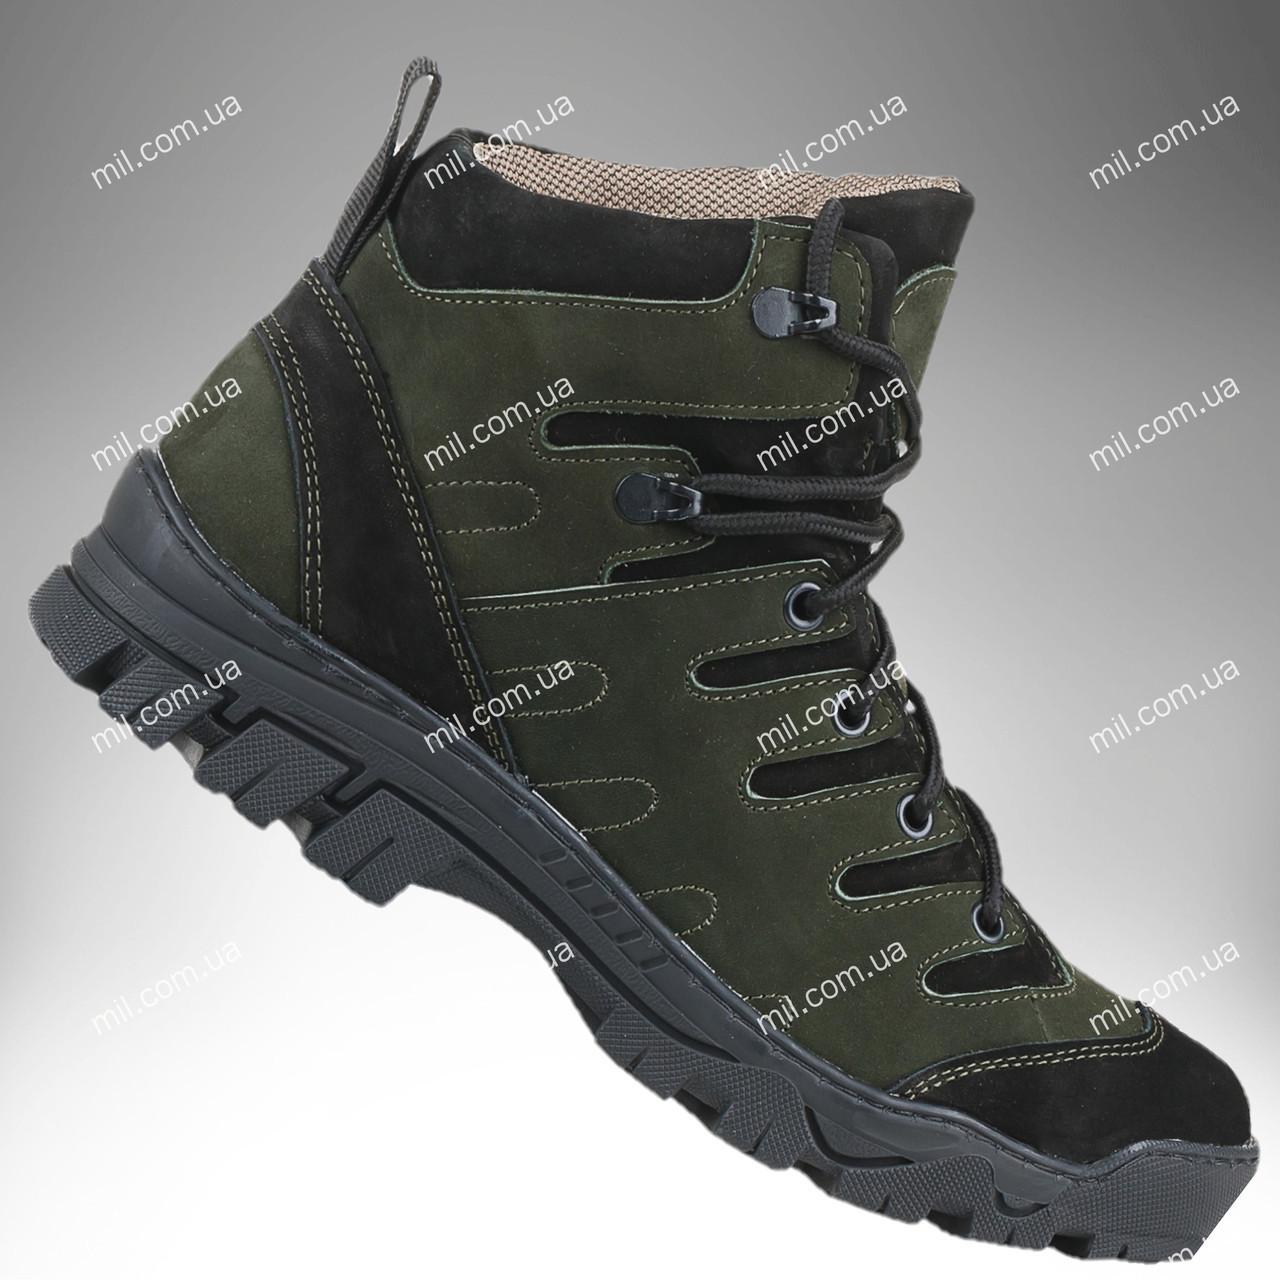 Полуботинки военные зимние/ армейская, тактическая обувь VARAN (оливковый)